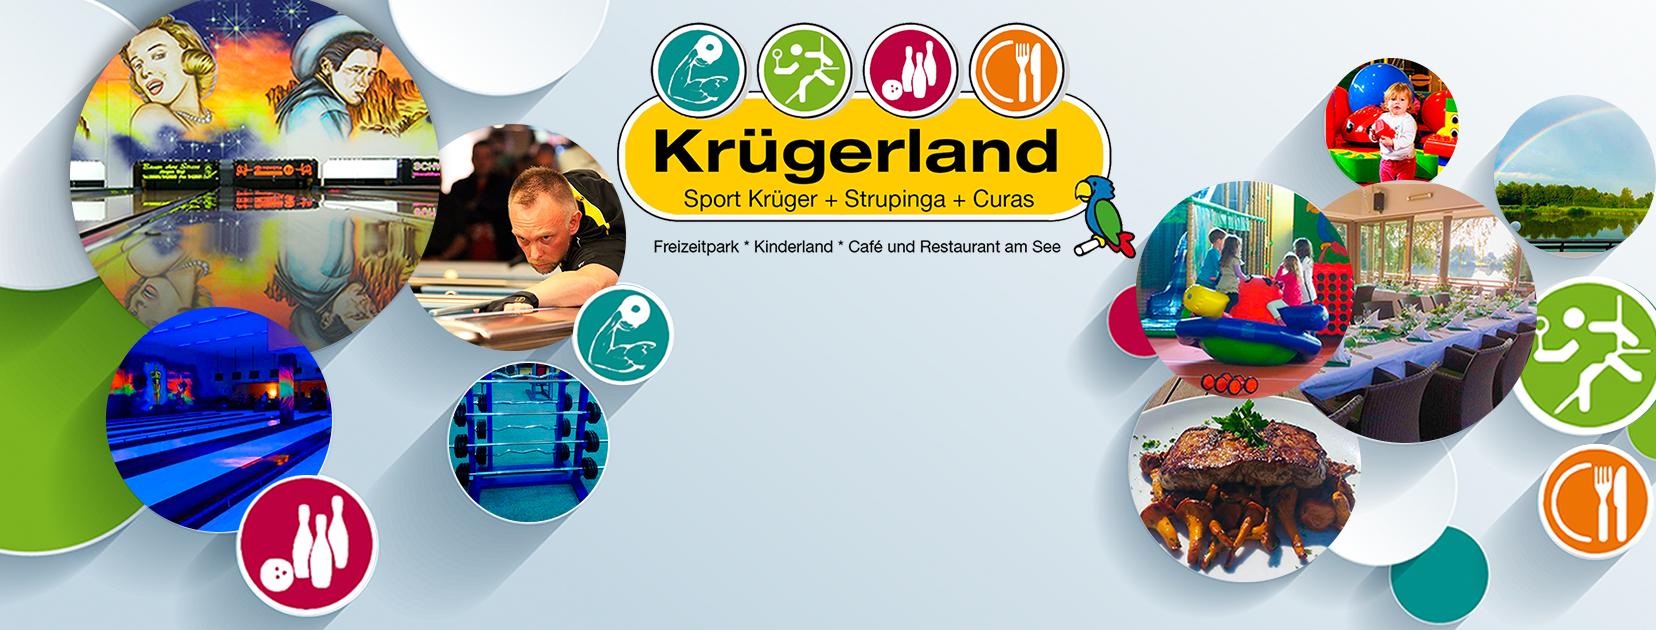 Wertkarte | Krügerland